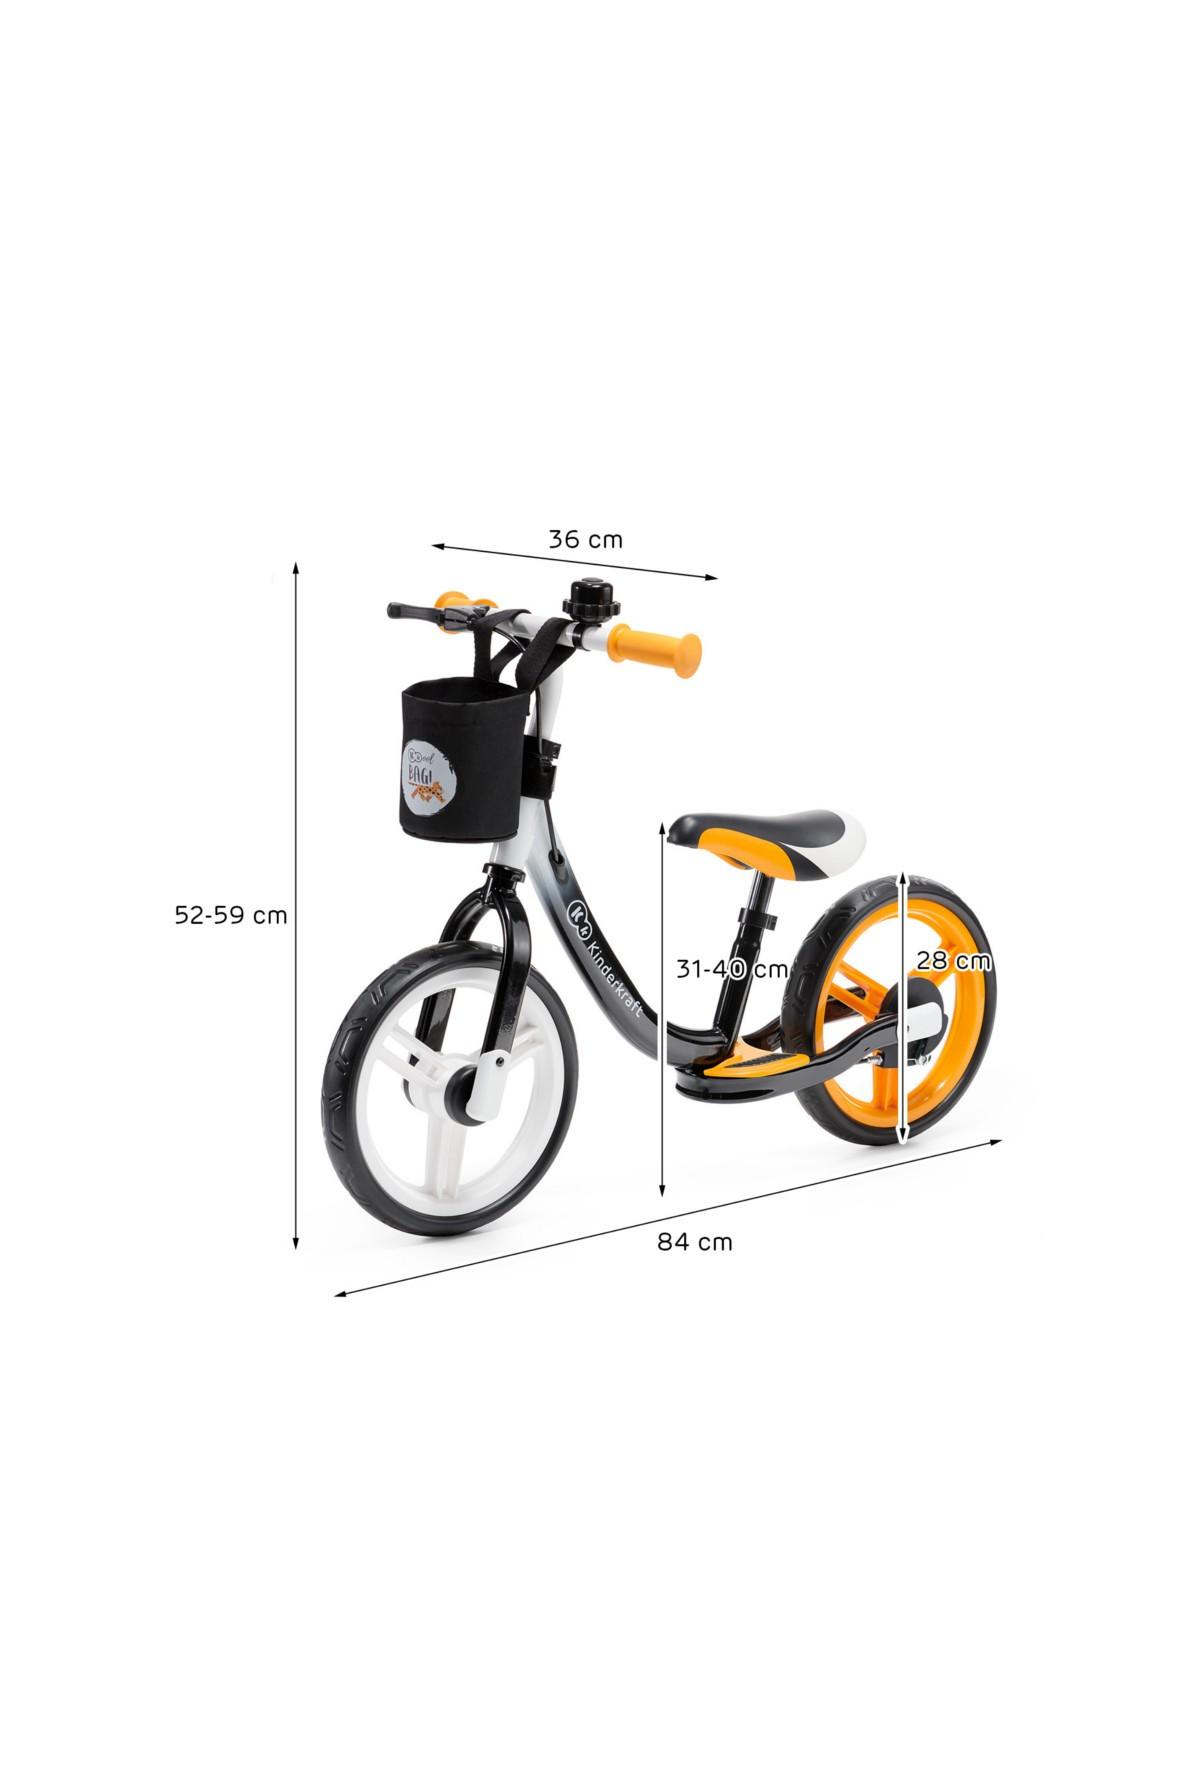 Rowerek biegowy Space pomarańczowy Kinderkraft